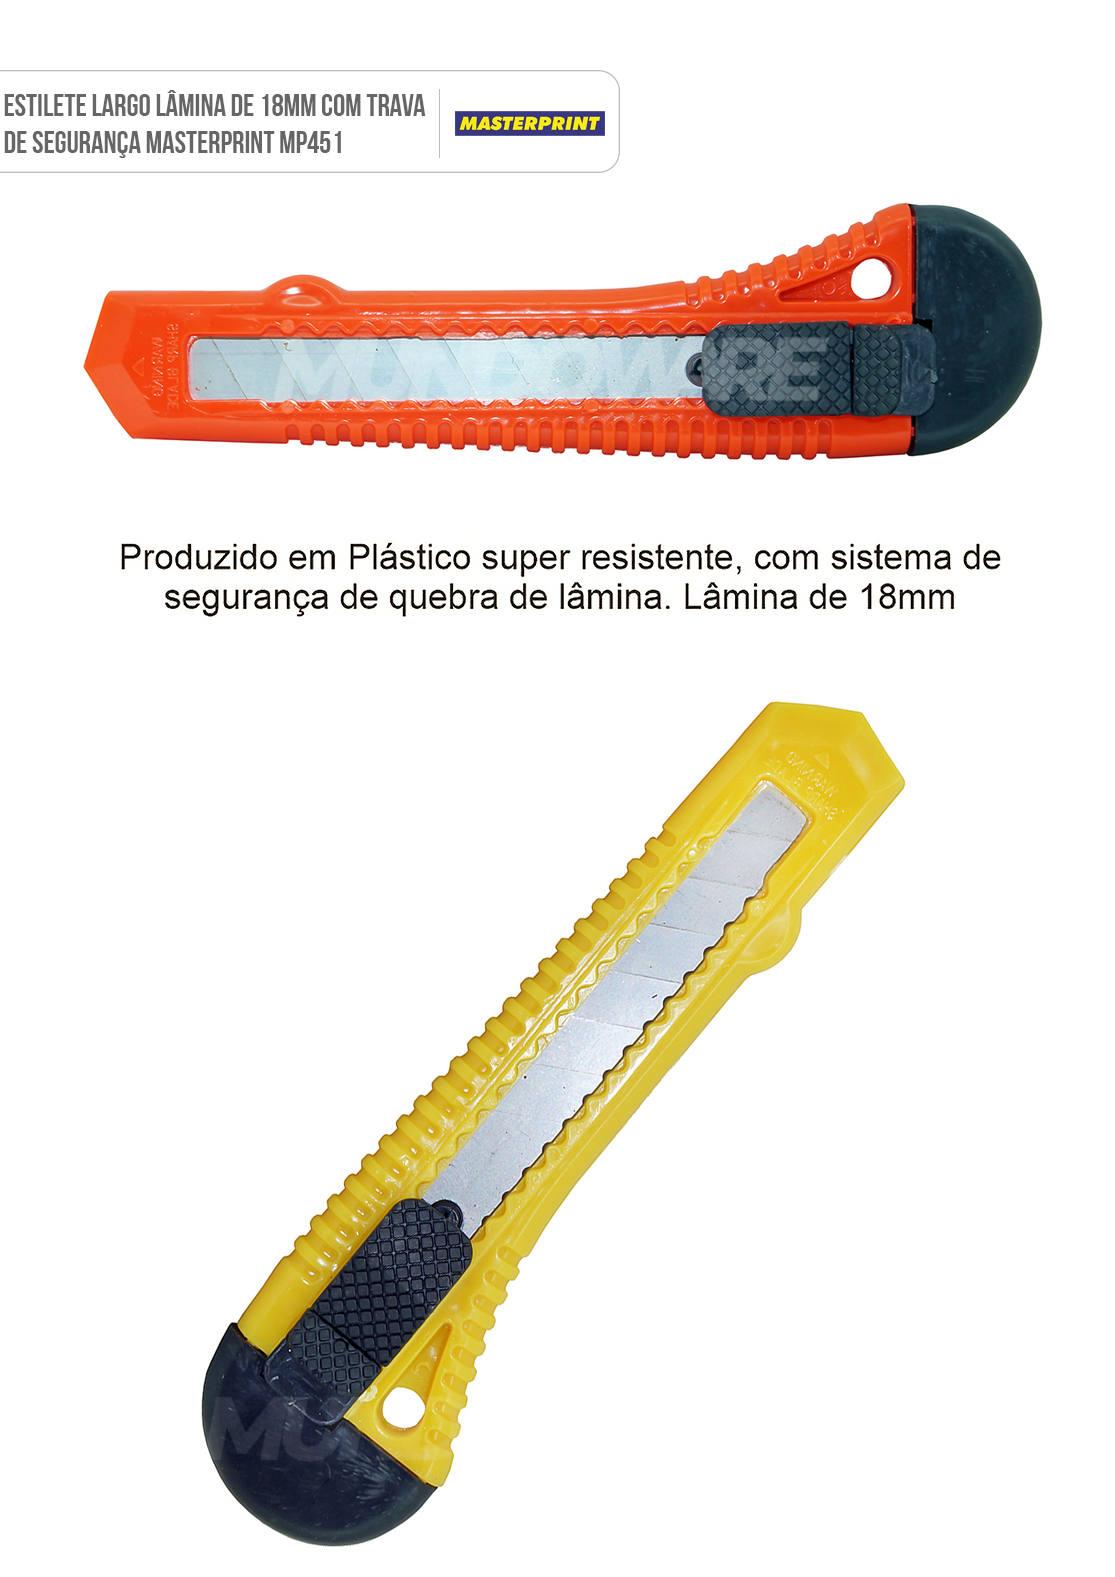 Estilete Largo Lâmina de 18mm com Trava de Segurança Masterprint MP451